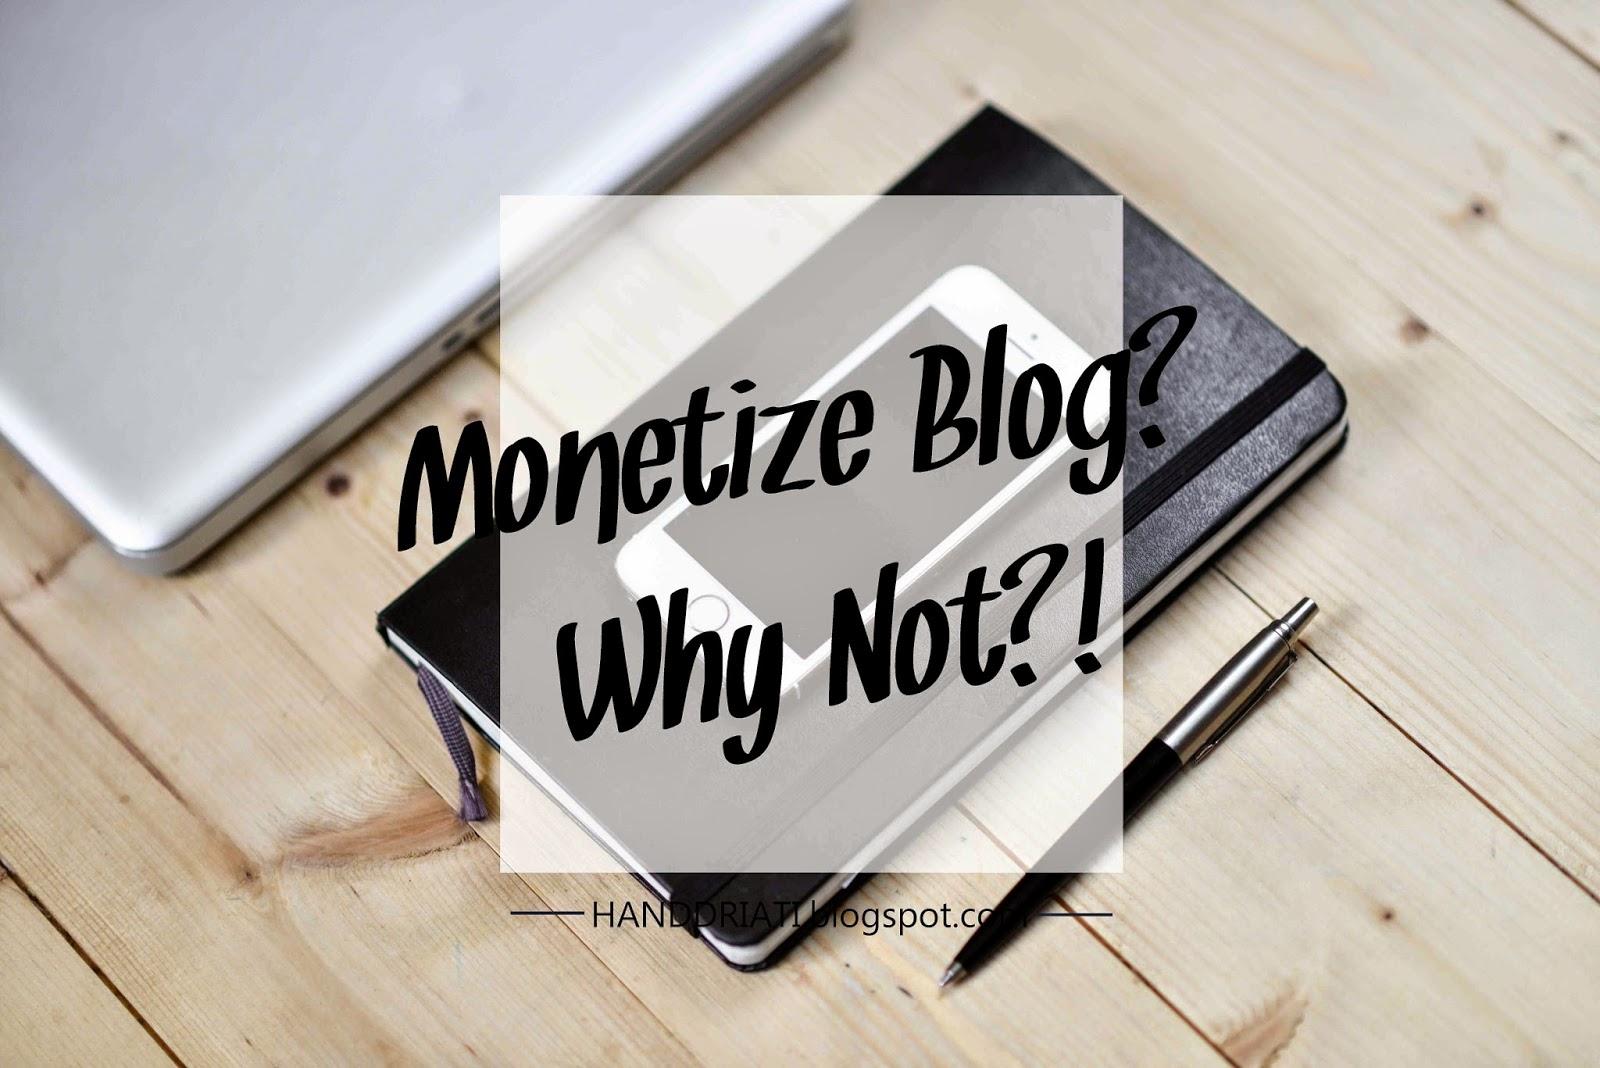 Cara Menghasilkan Uang Di Internet Tanpa Modal